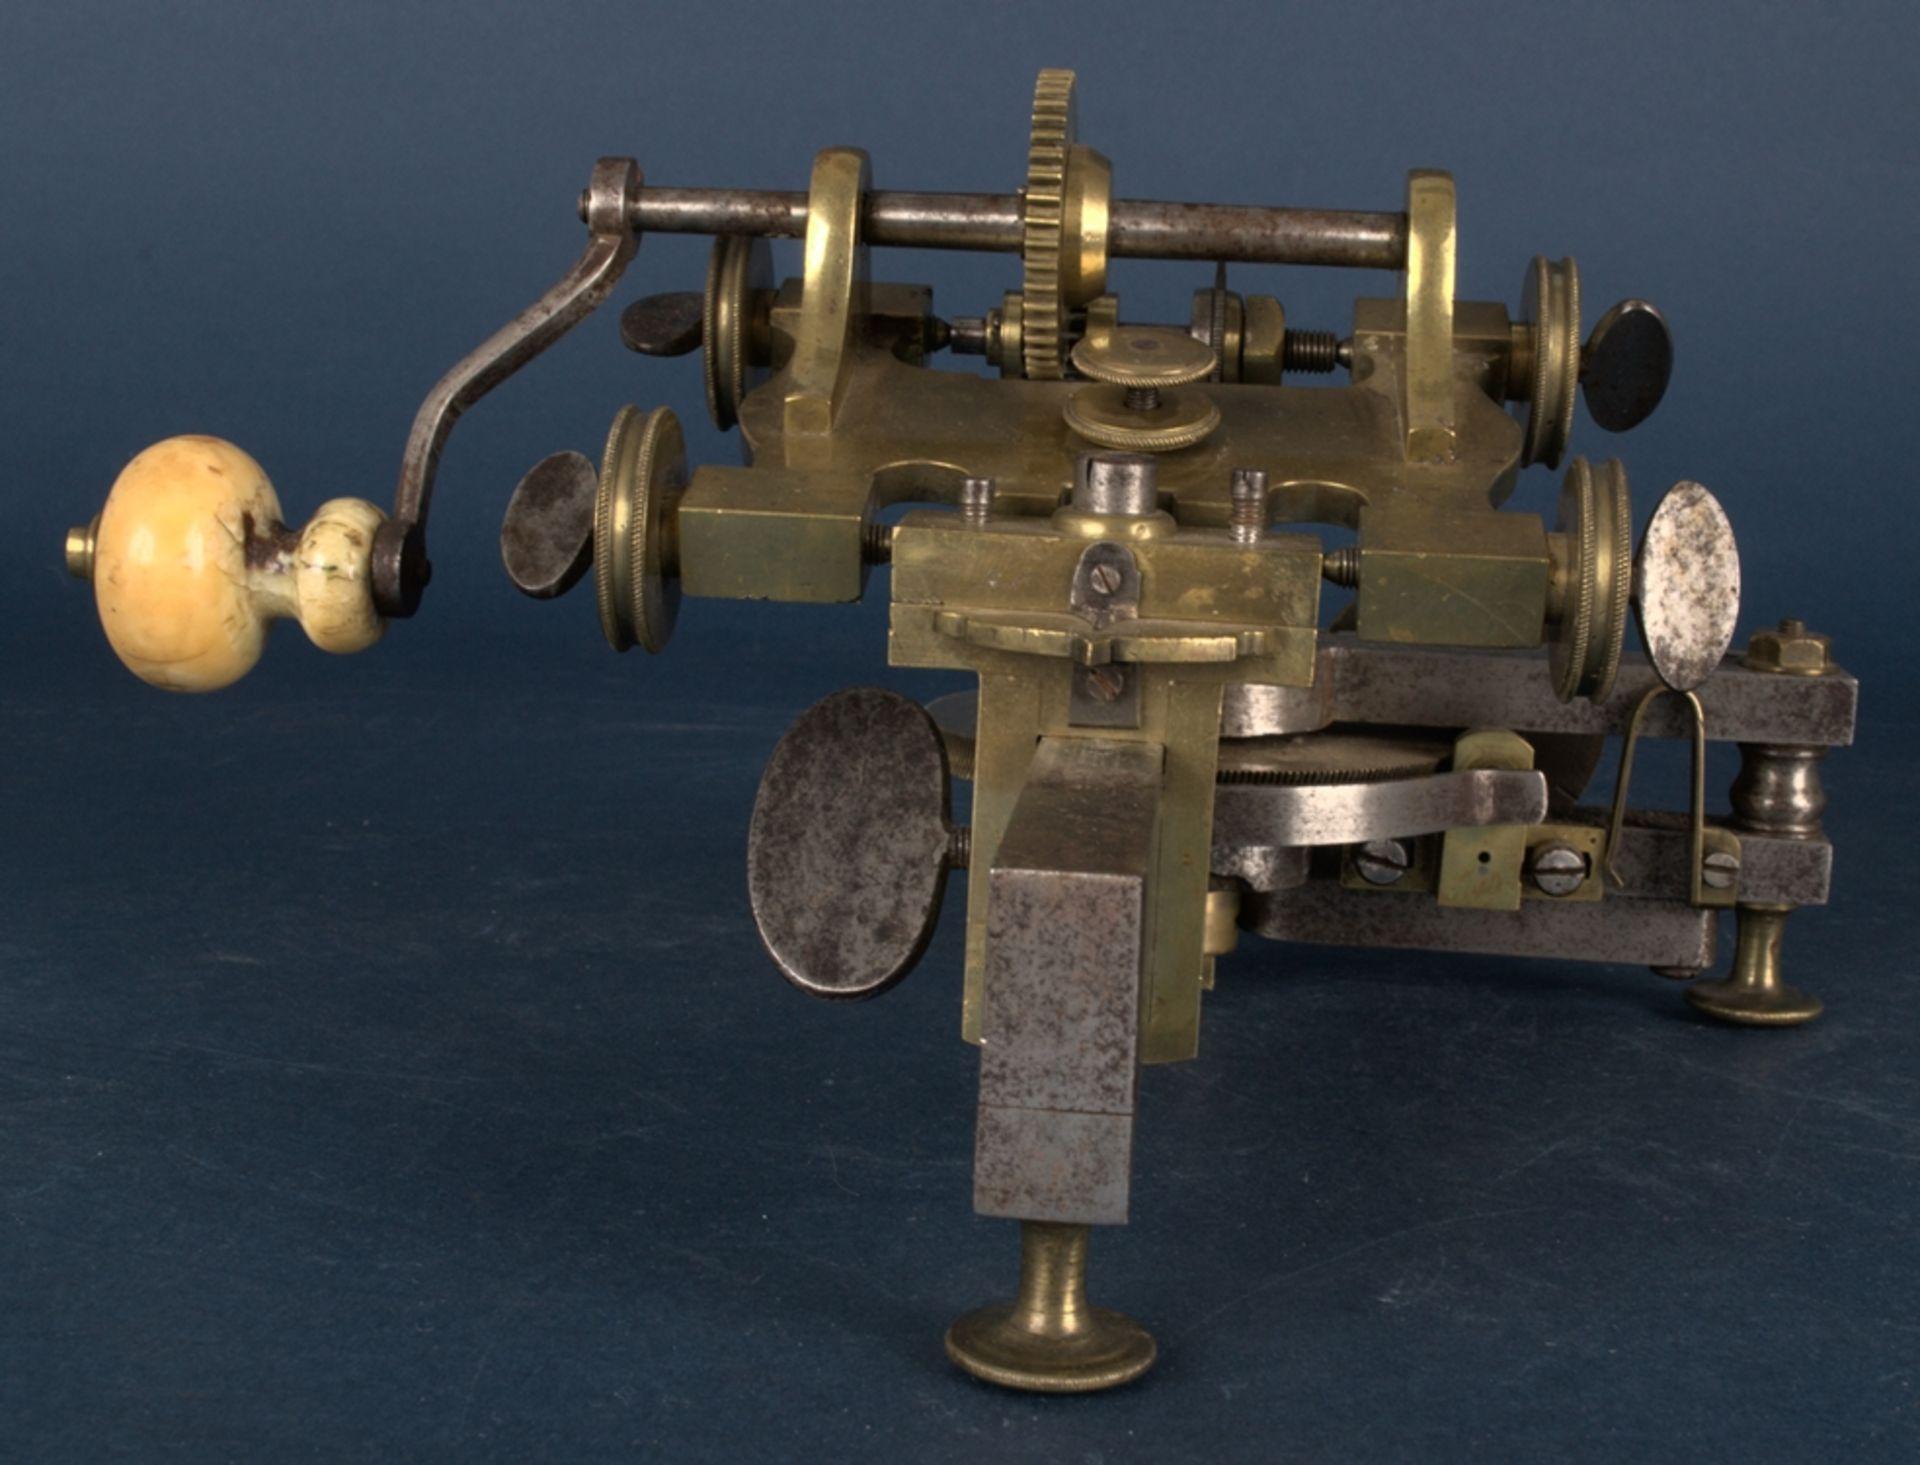 Zahnradfräsmaschine/Zahnräderschneidemaschine, frühes Uhrmacherwerkzeug, deutsch Mitte 18. Jhd., - Bild 23 aus 29